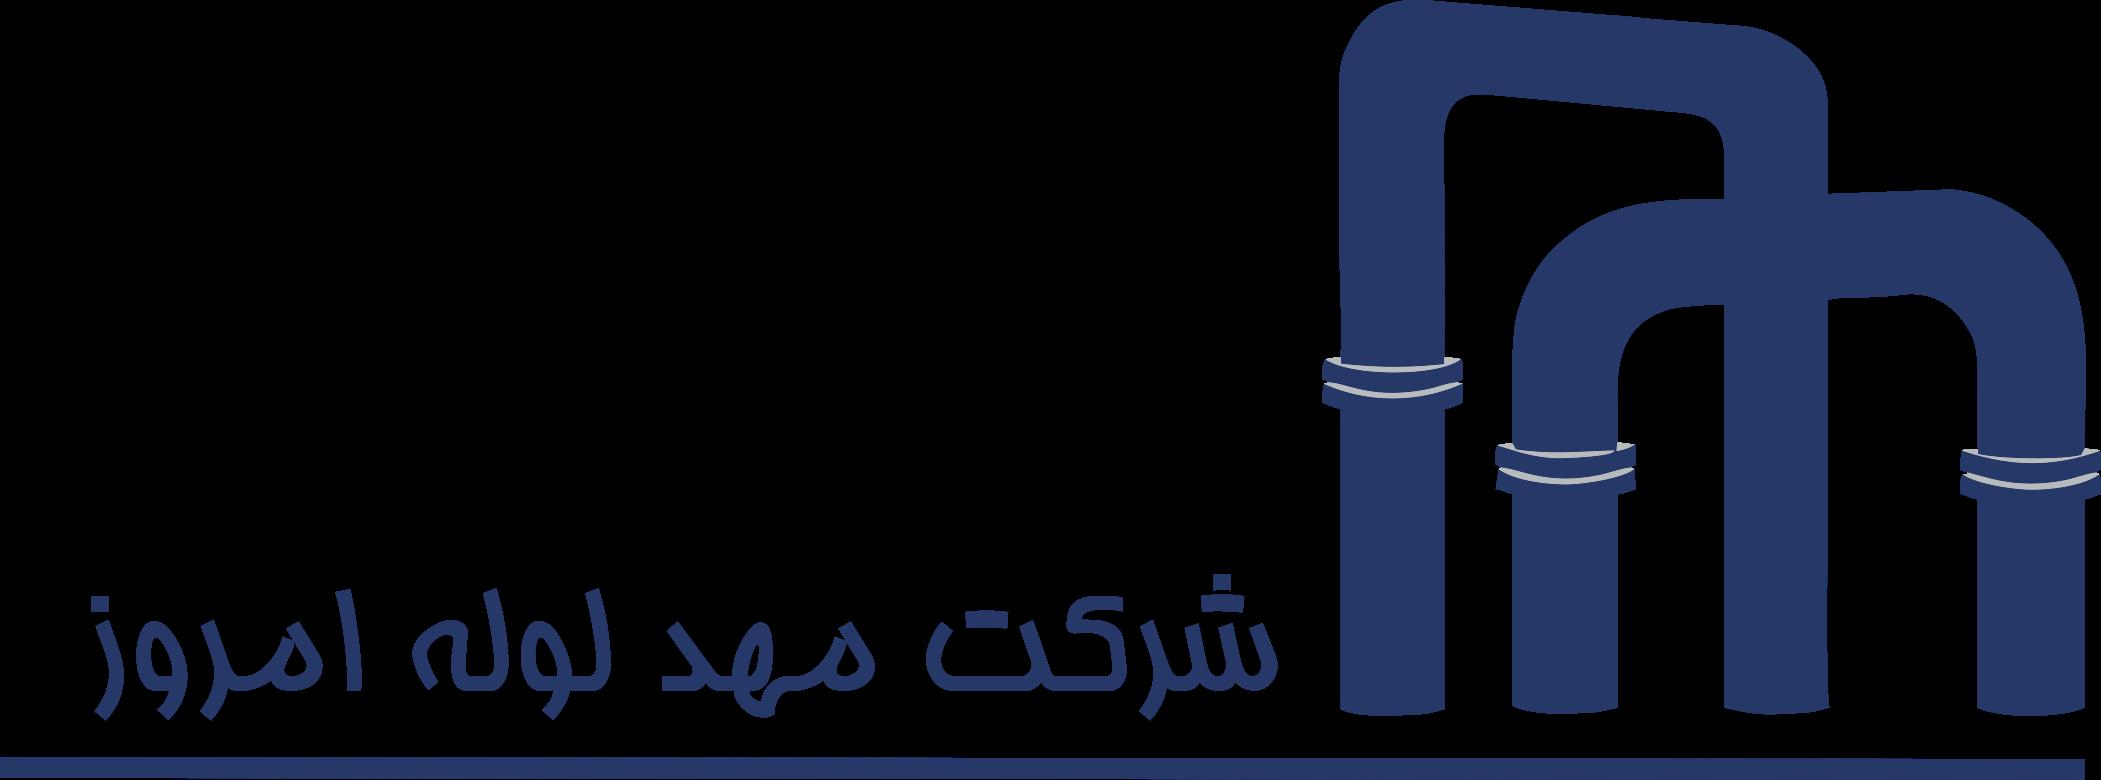 شرکت مهد لوله امروز